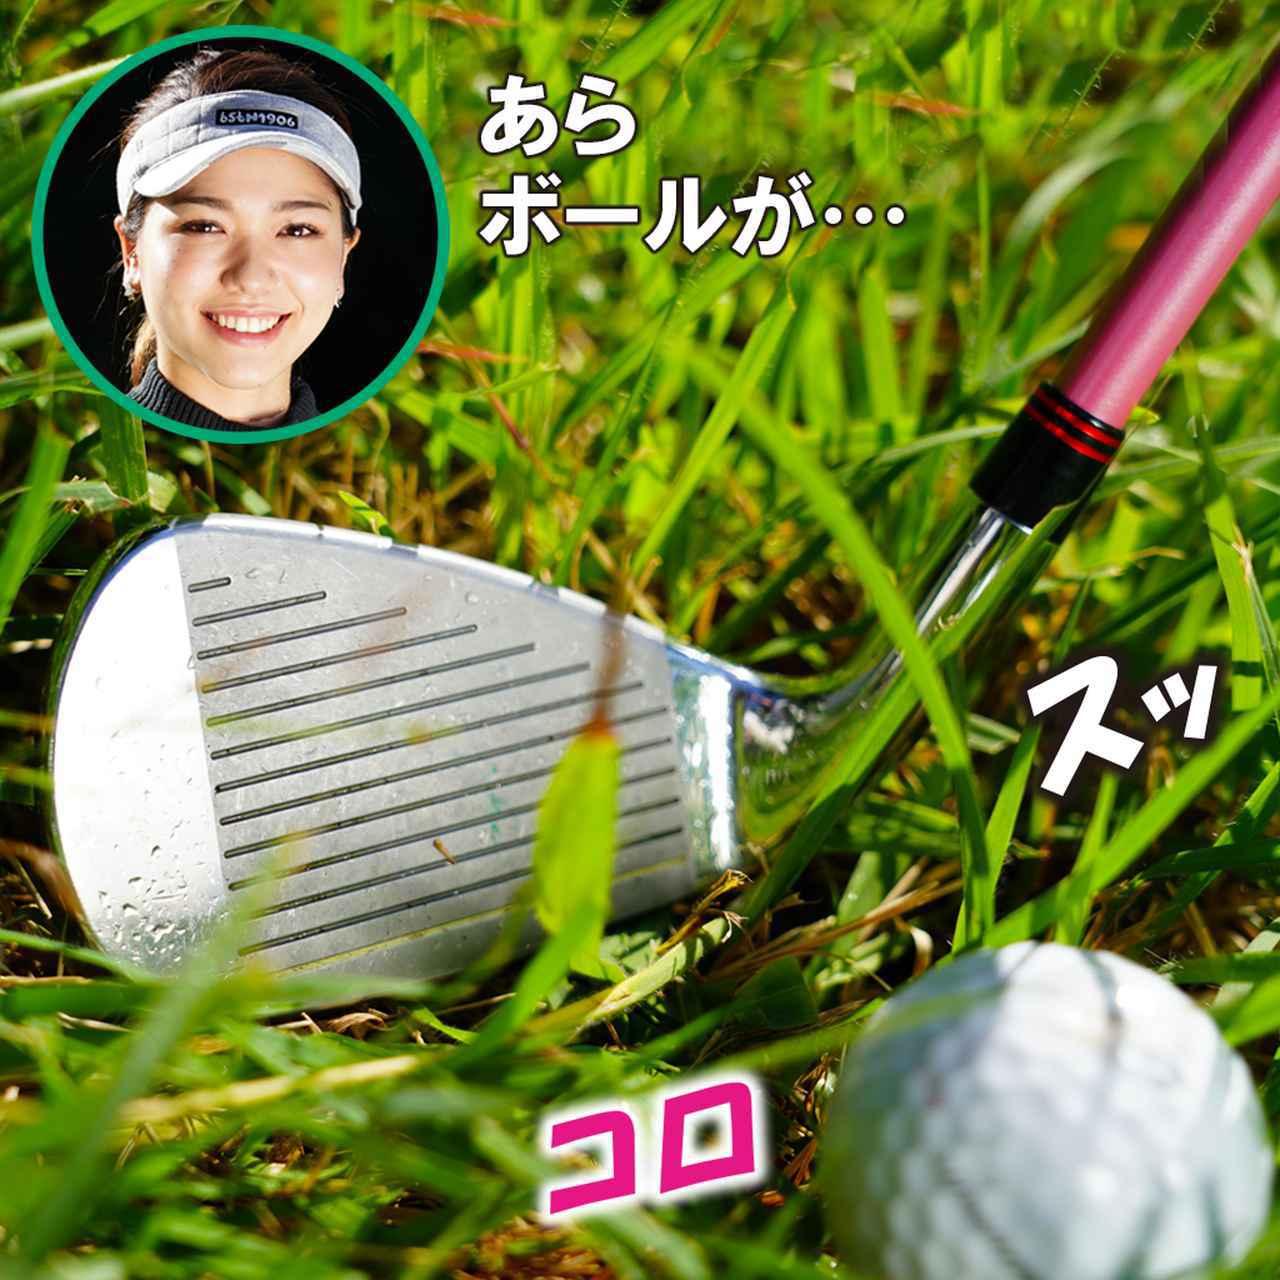 画像3: 【新ルール】ソールしたら球が動いた…このときの対処法は?